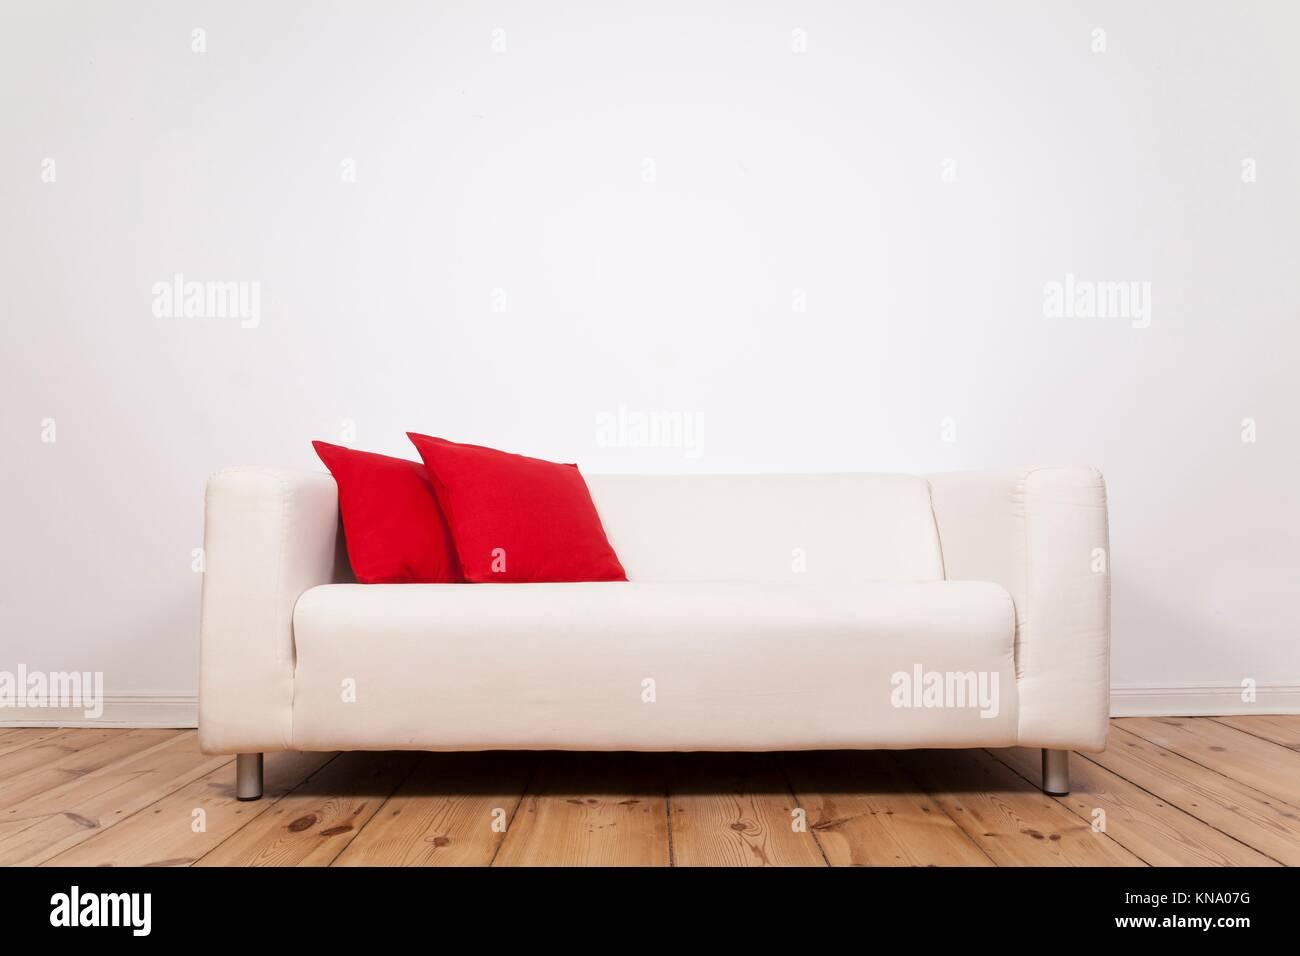 Canapé et de l'espace sur un mur. Photo Stock